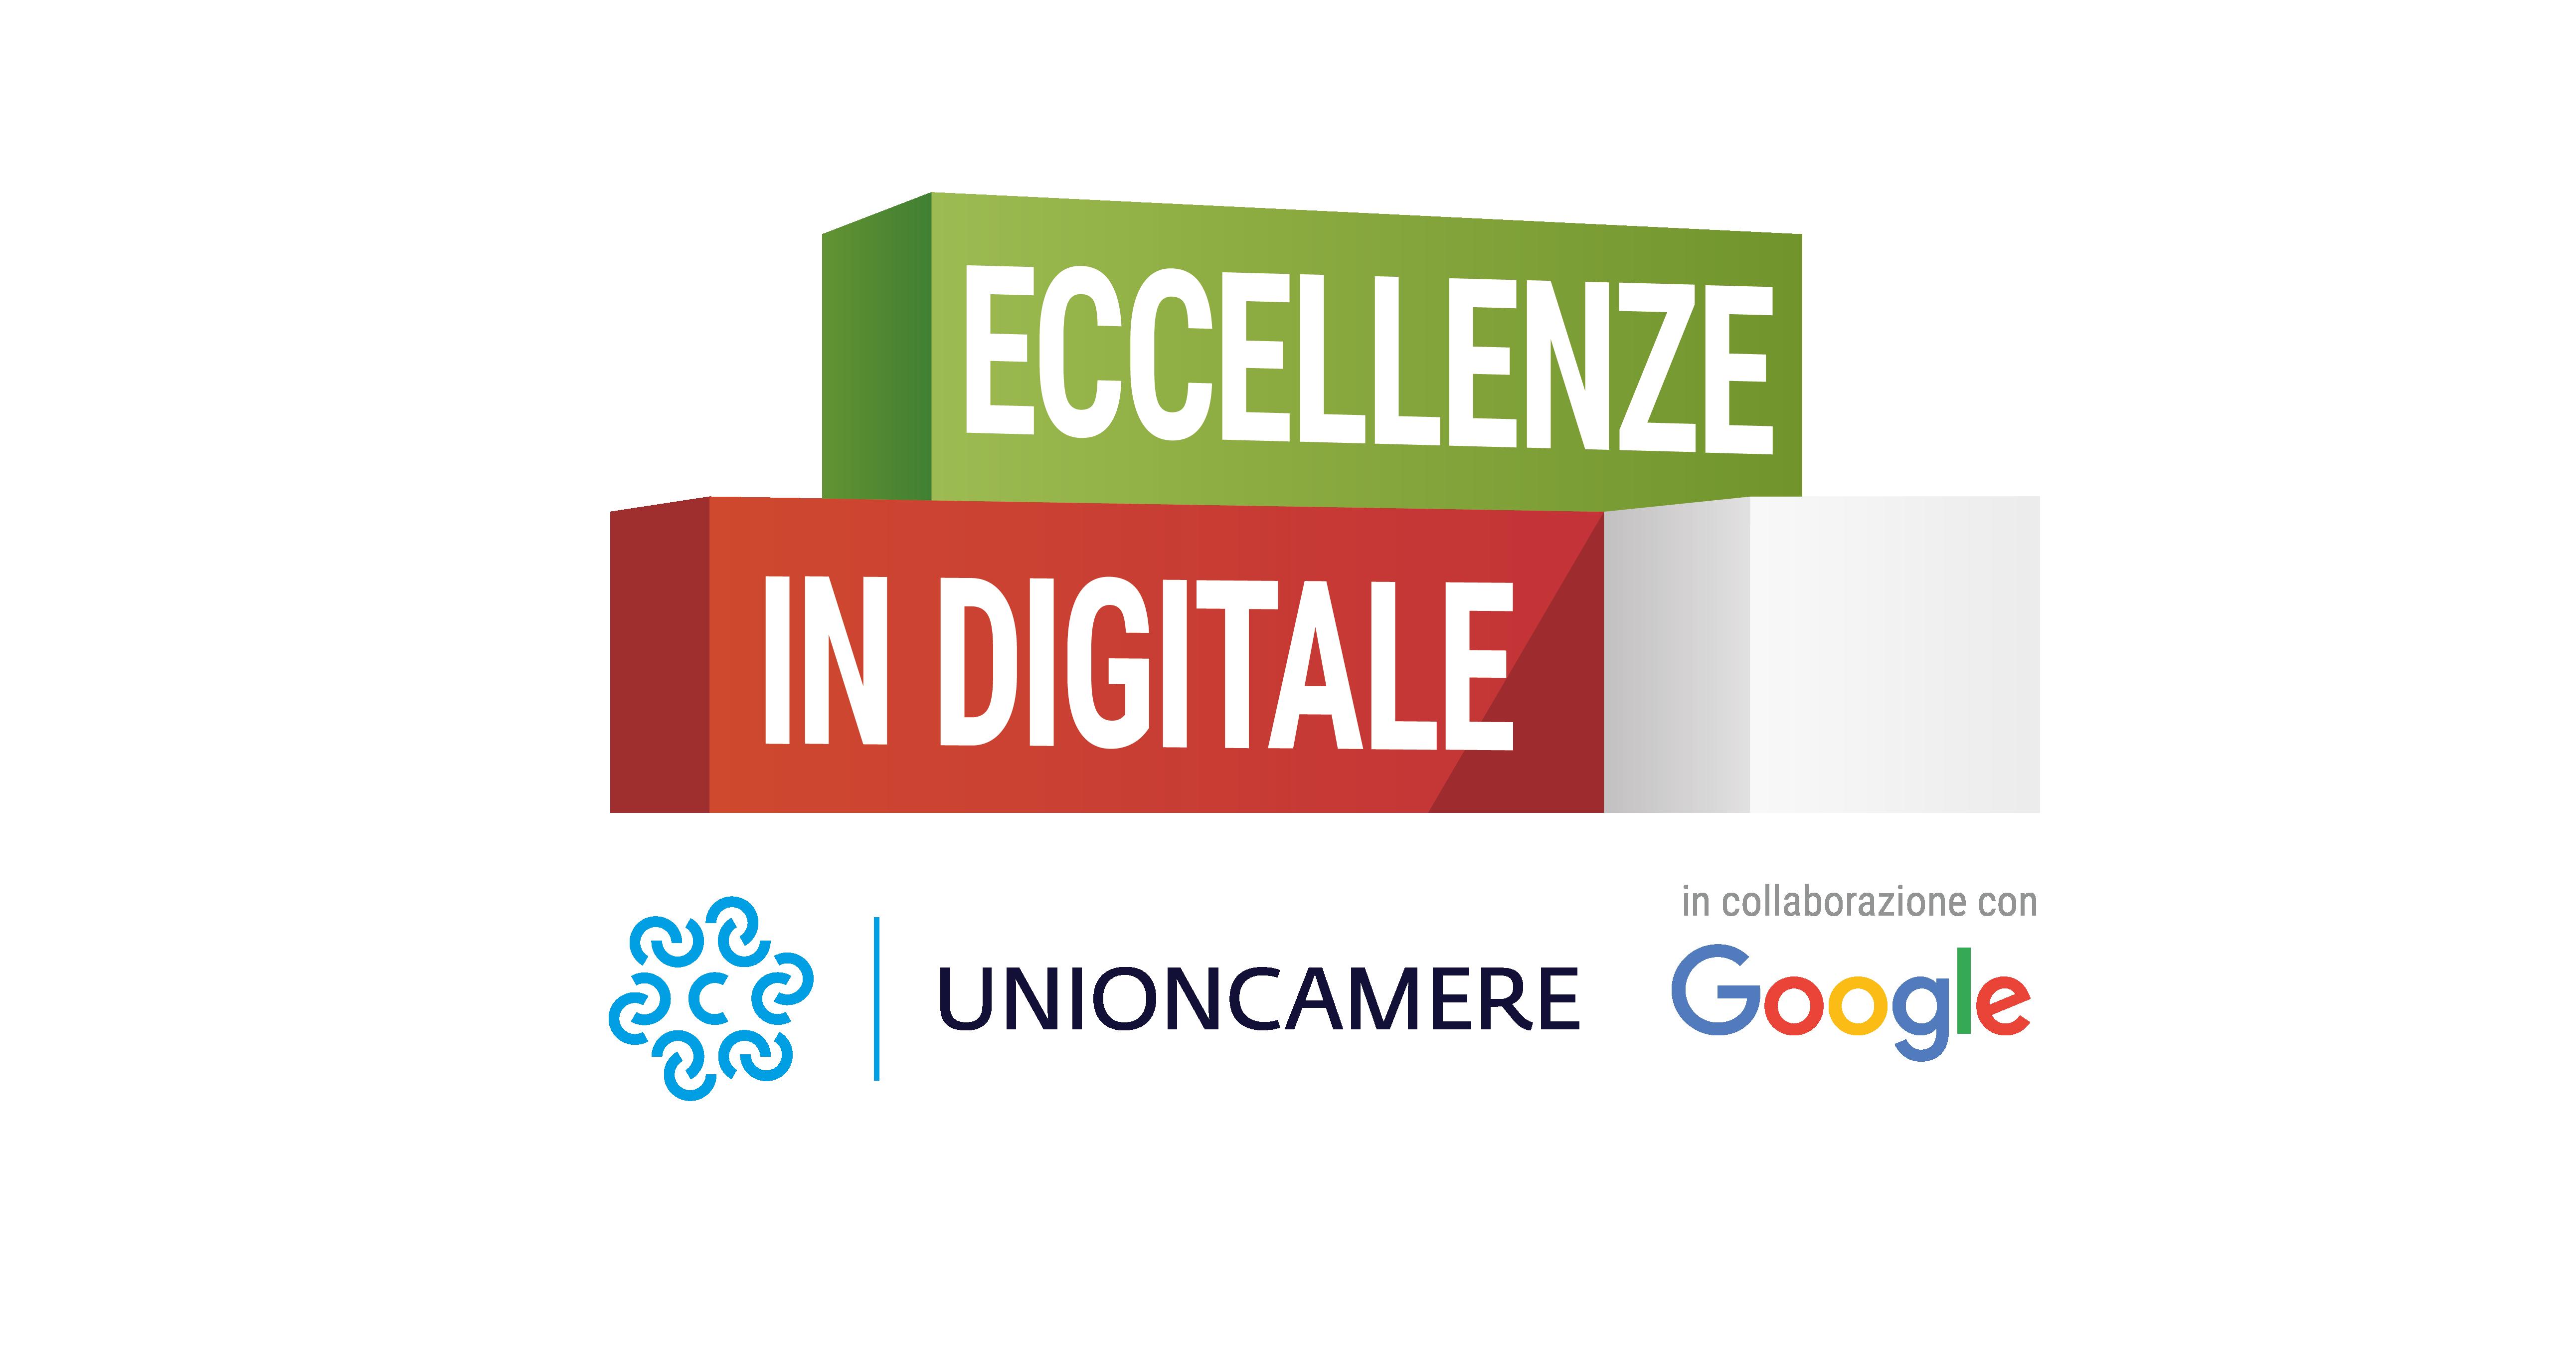 """Torna """"Eccellenze in Digitale"""" il progetto promosso da Unioncamere e Google, in collaborazione con le associazioni di categoria: si parte martedì 27 novembre alle ore 9,30"""